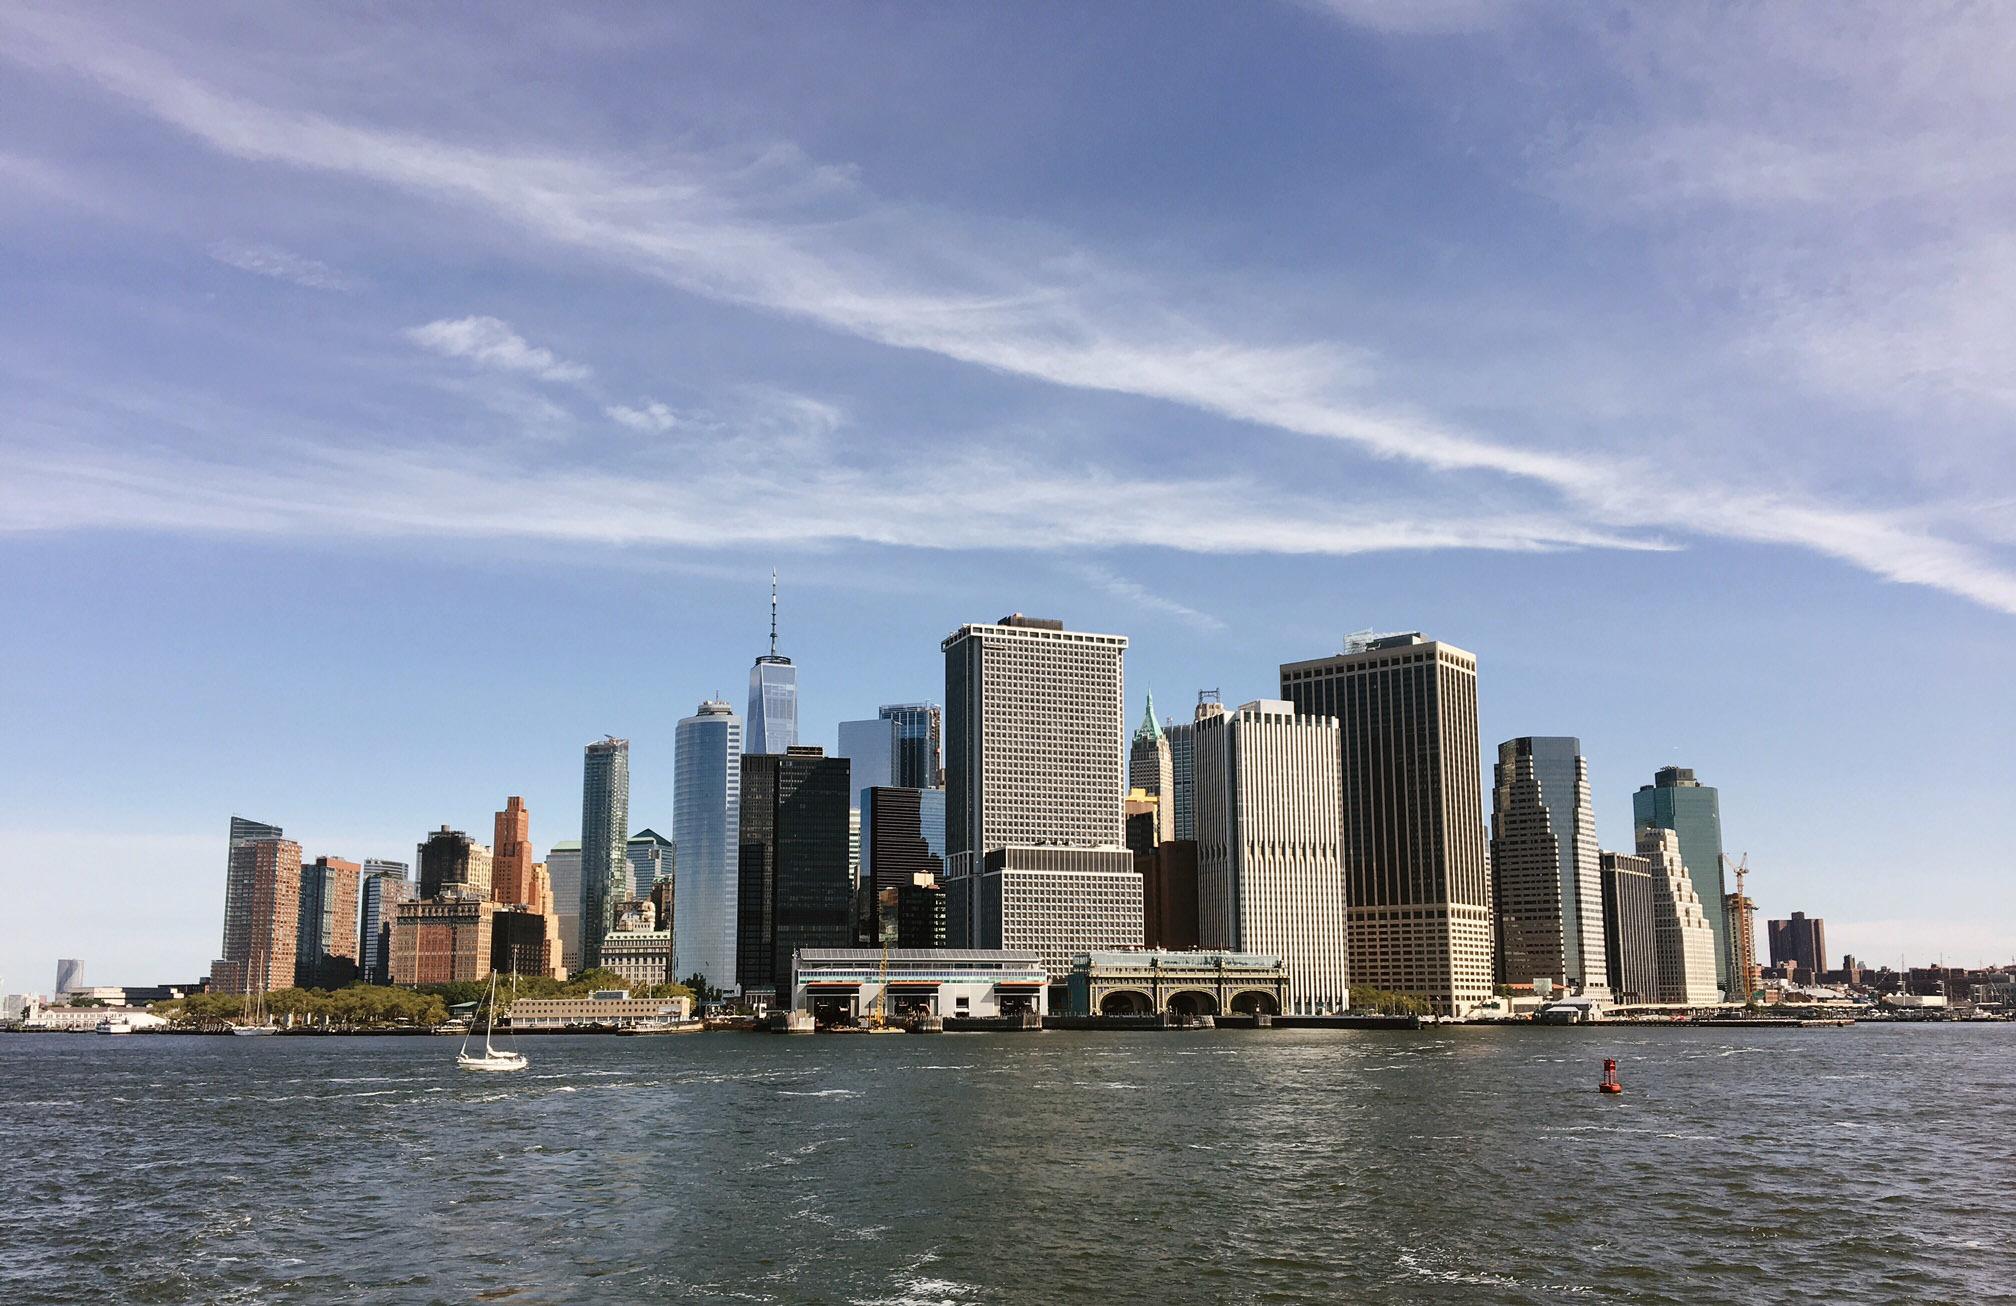 La vista completa de Manhattan es espectacular desde la popa del...